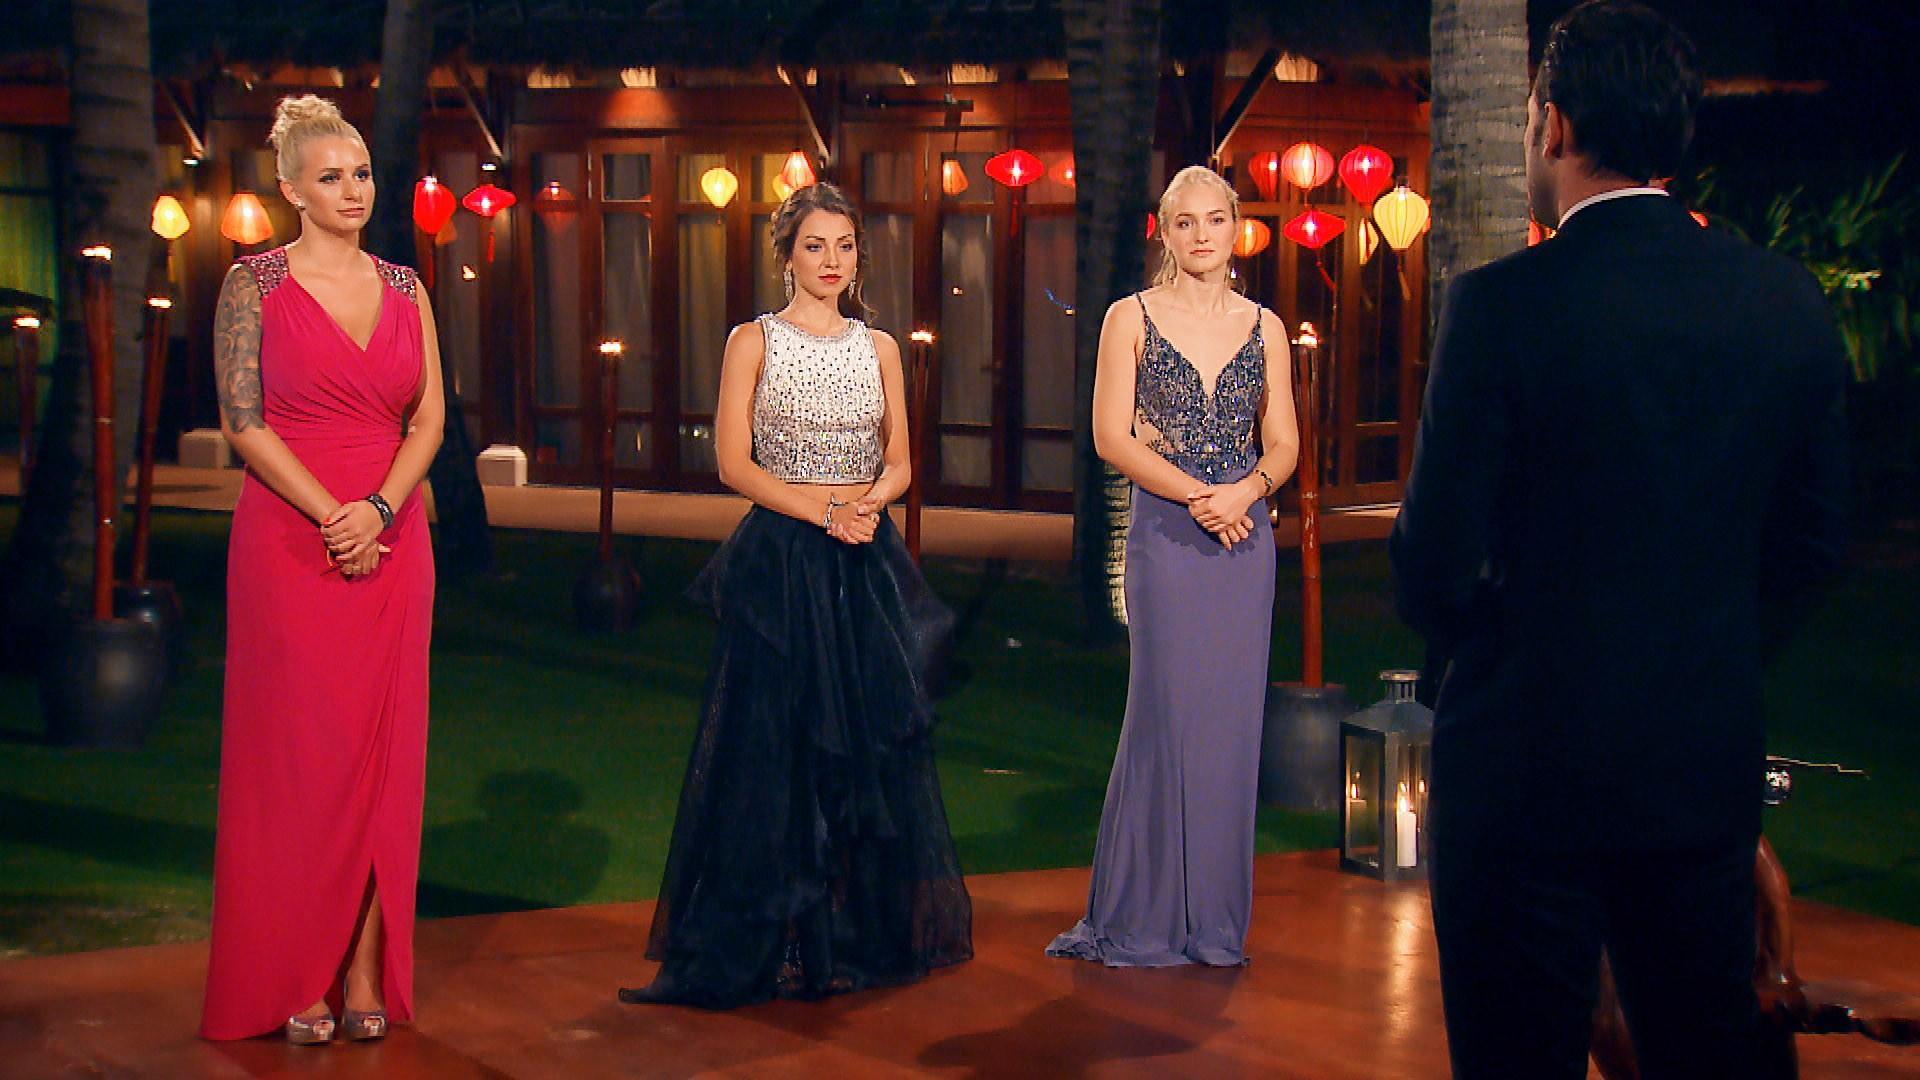 Carina, Kristina und Svenja (v.l.n.r.) bibbern in der vorletzten Nacht der Rosen, ob sie eine Runde weiterkommen